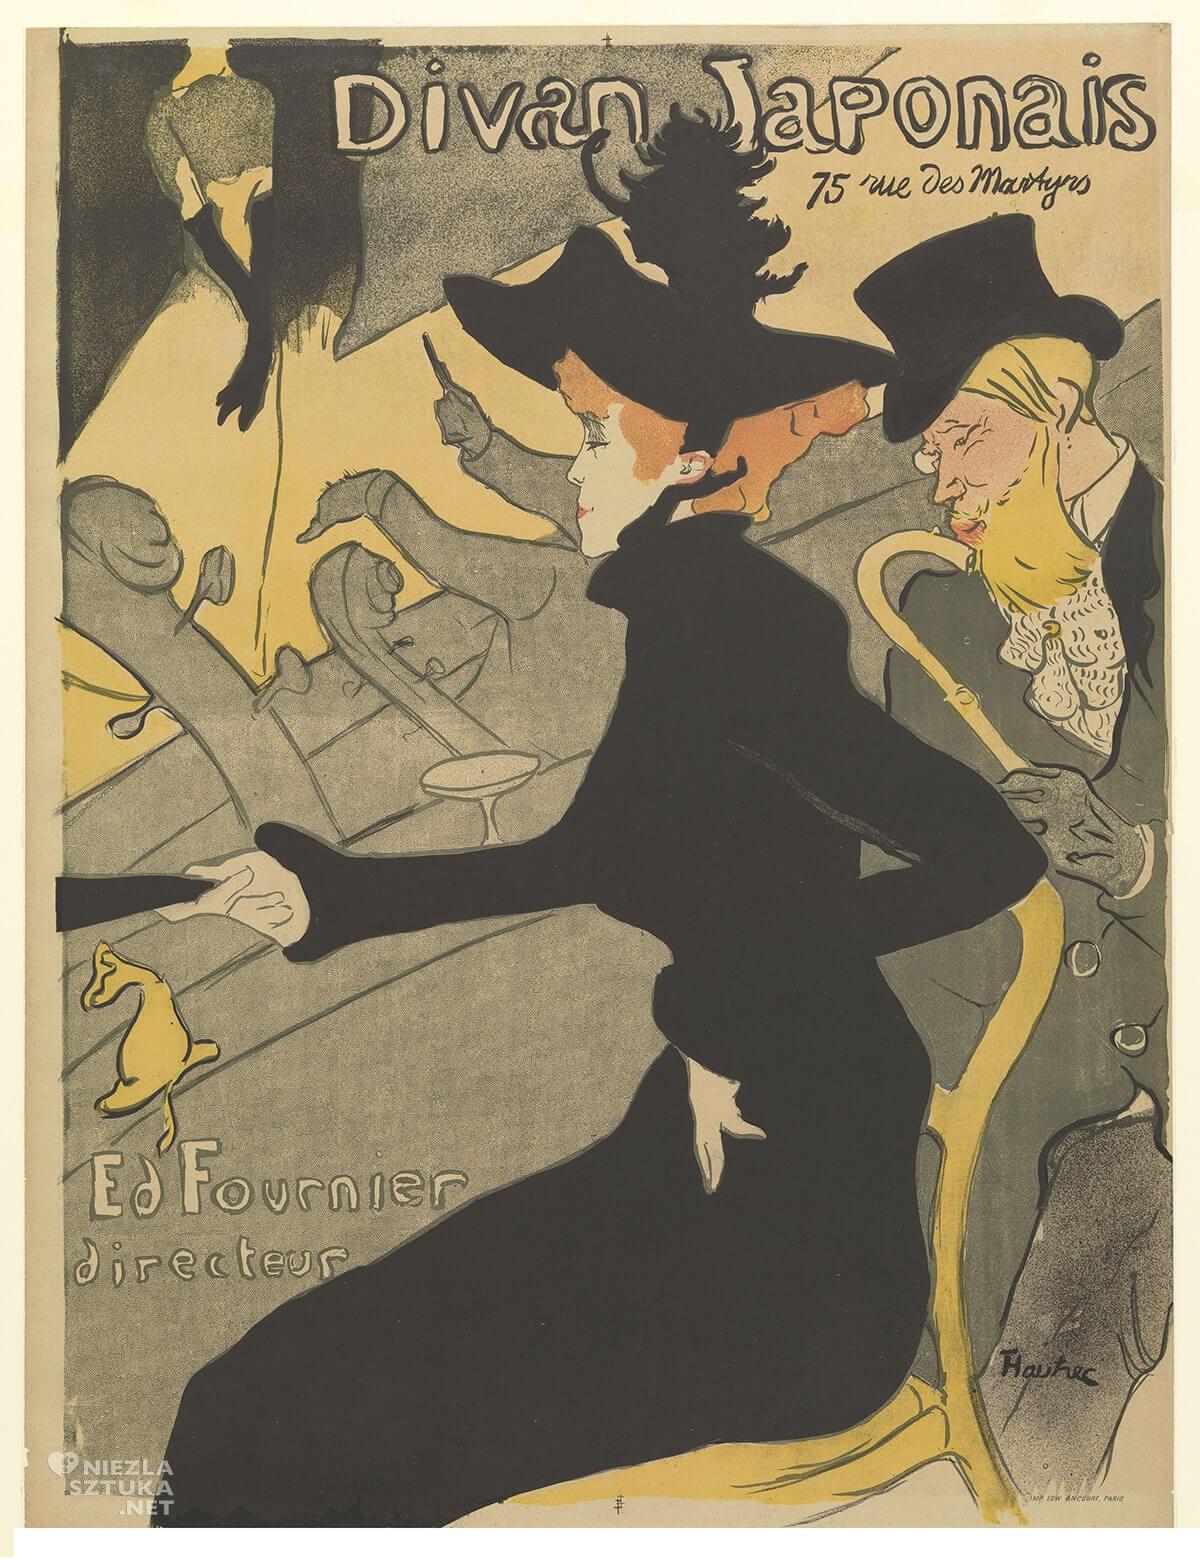 Henri de Toulouse-Lautrec, Divan Japonais, malarstwo francuskie, sztuka francuska, Niezła Sztuka